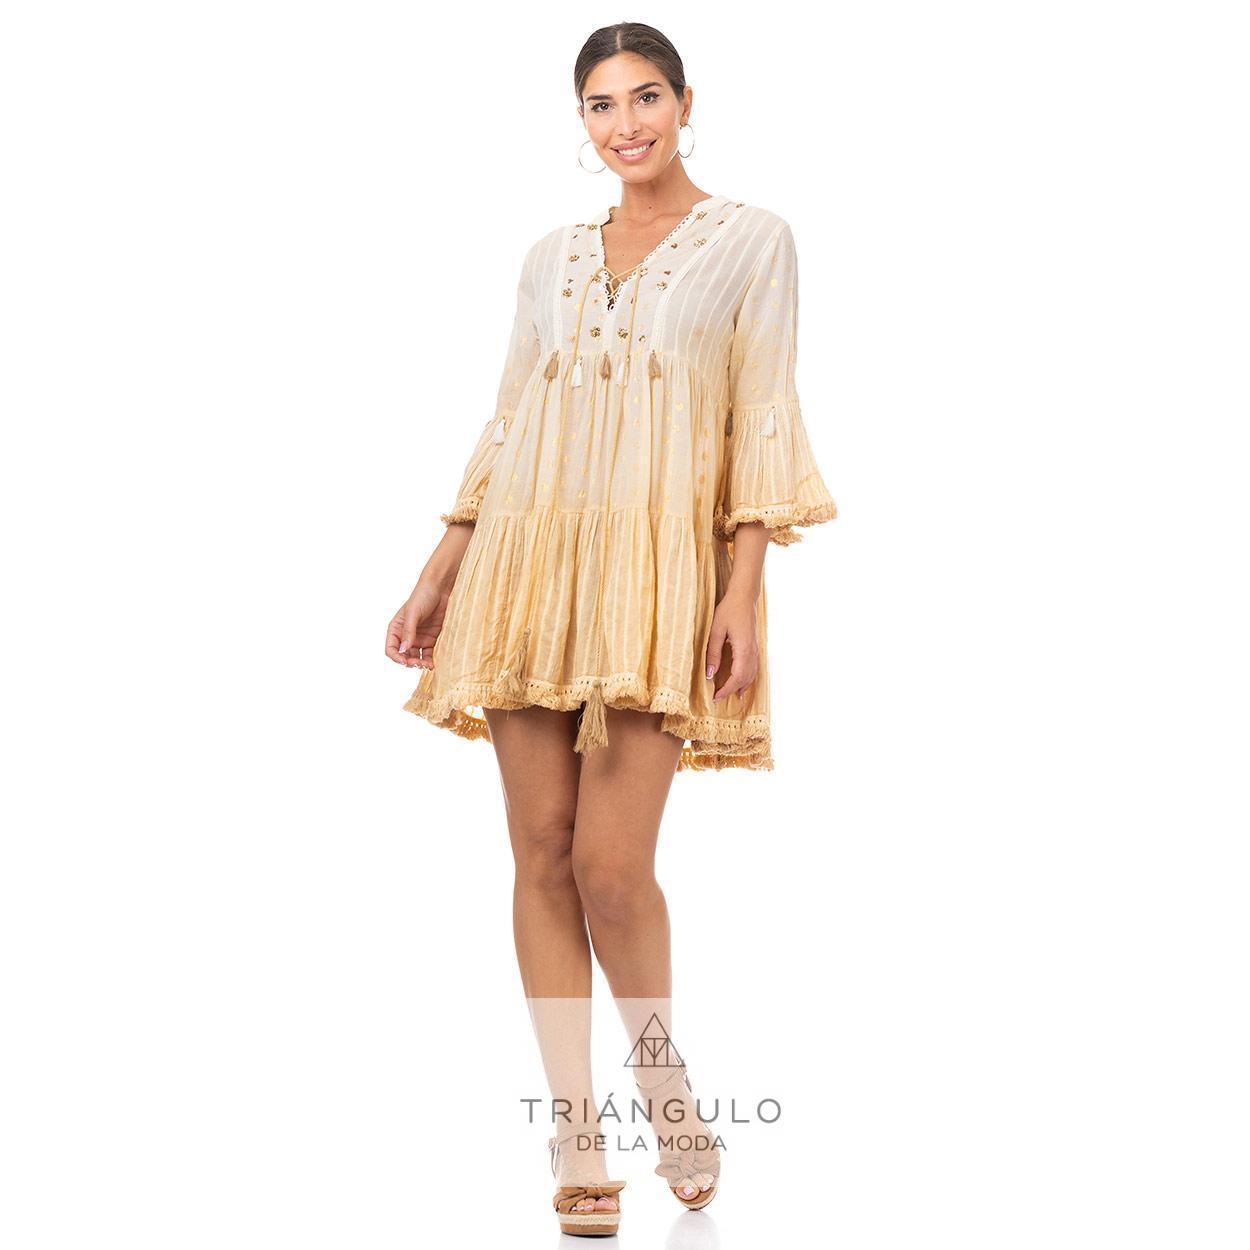 Tienda online del Triangulo de la Moda CASACA BOHO CHIC BORDADO CON ABALORIOS Y HILO DORADO